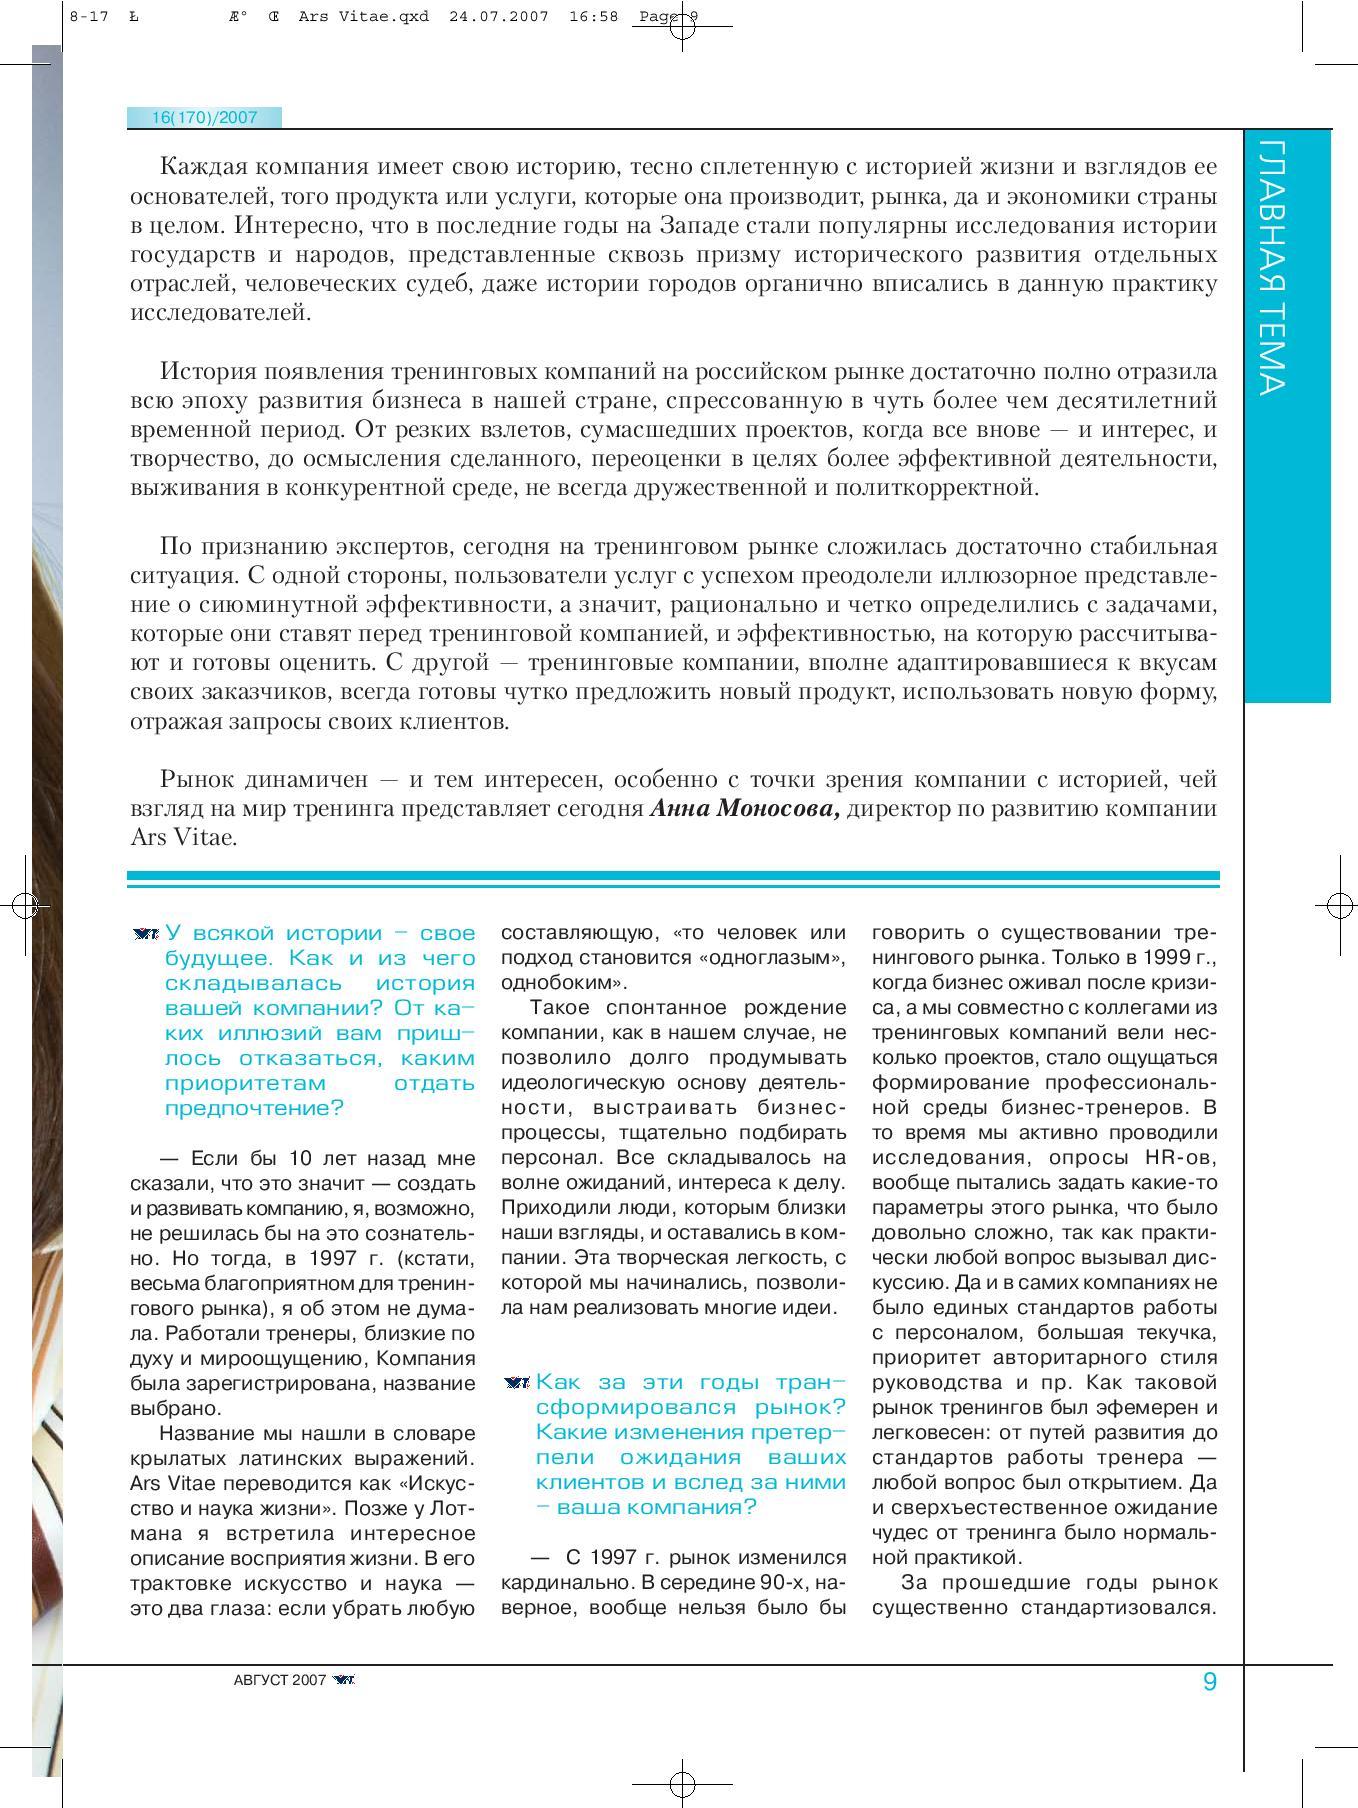 8-17__intervyu_oblozhka_Ars_Vitae-page-002.jpg